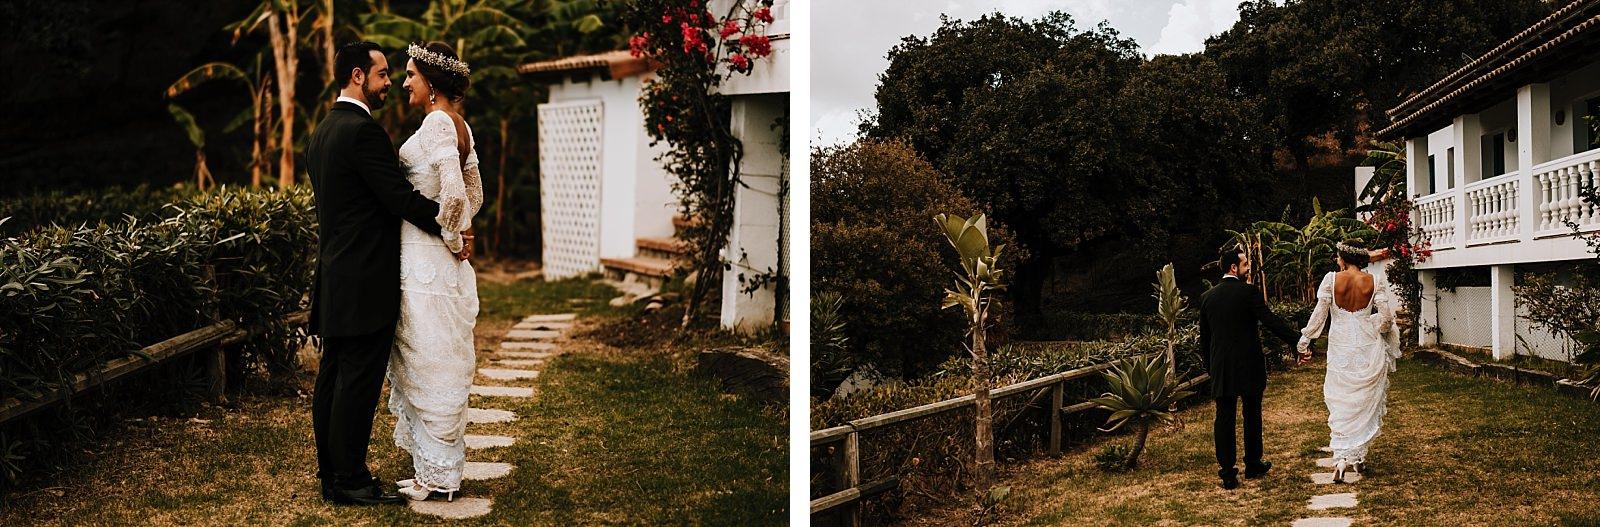 Fotografo-Algeciras-Boda